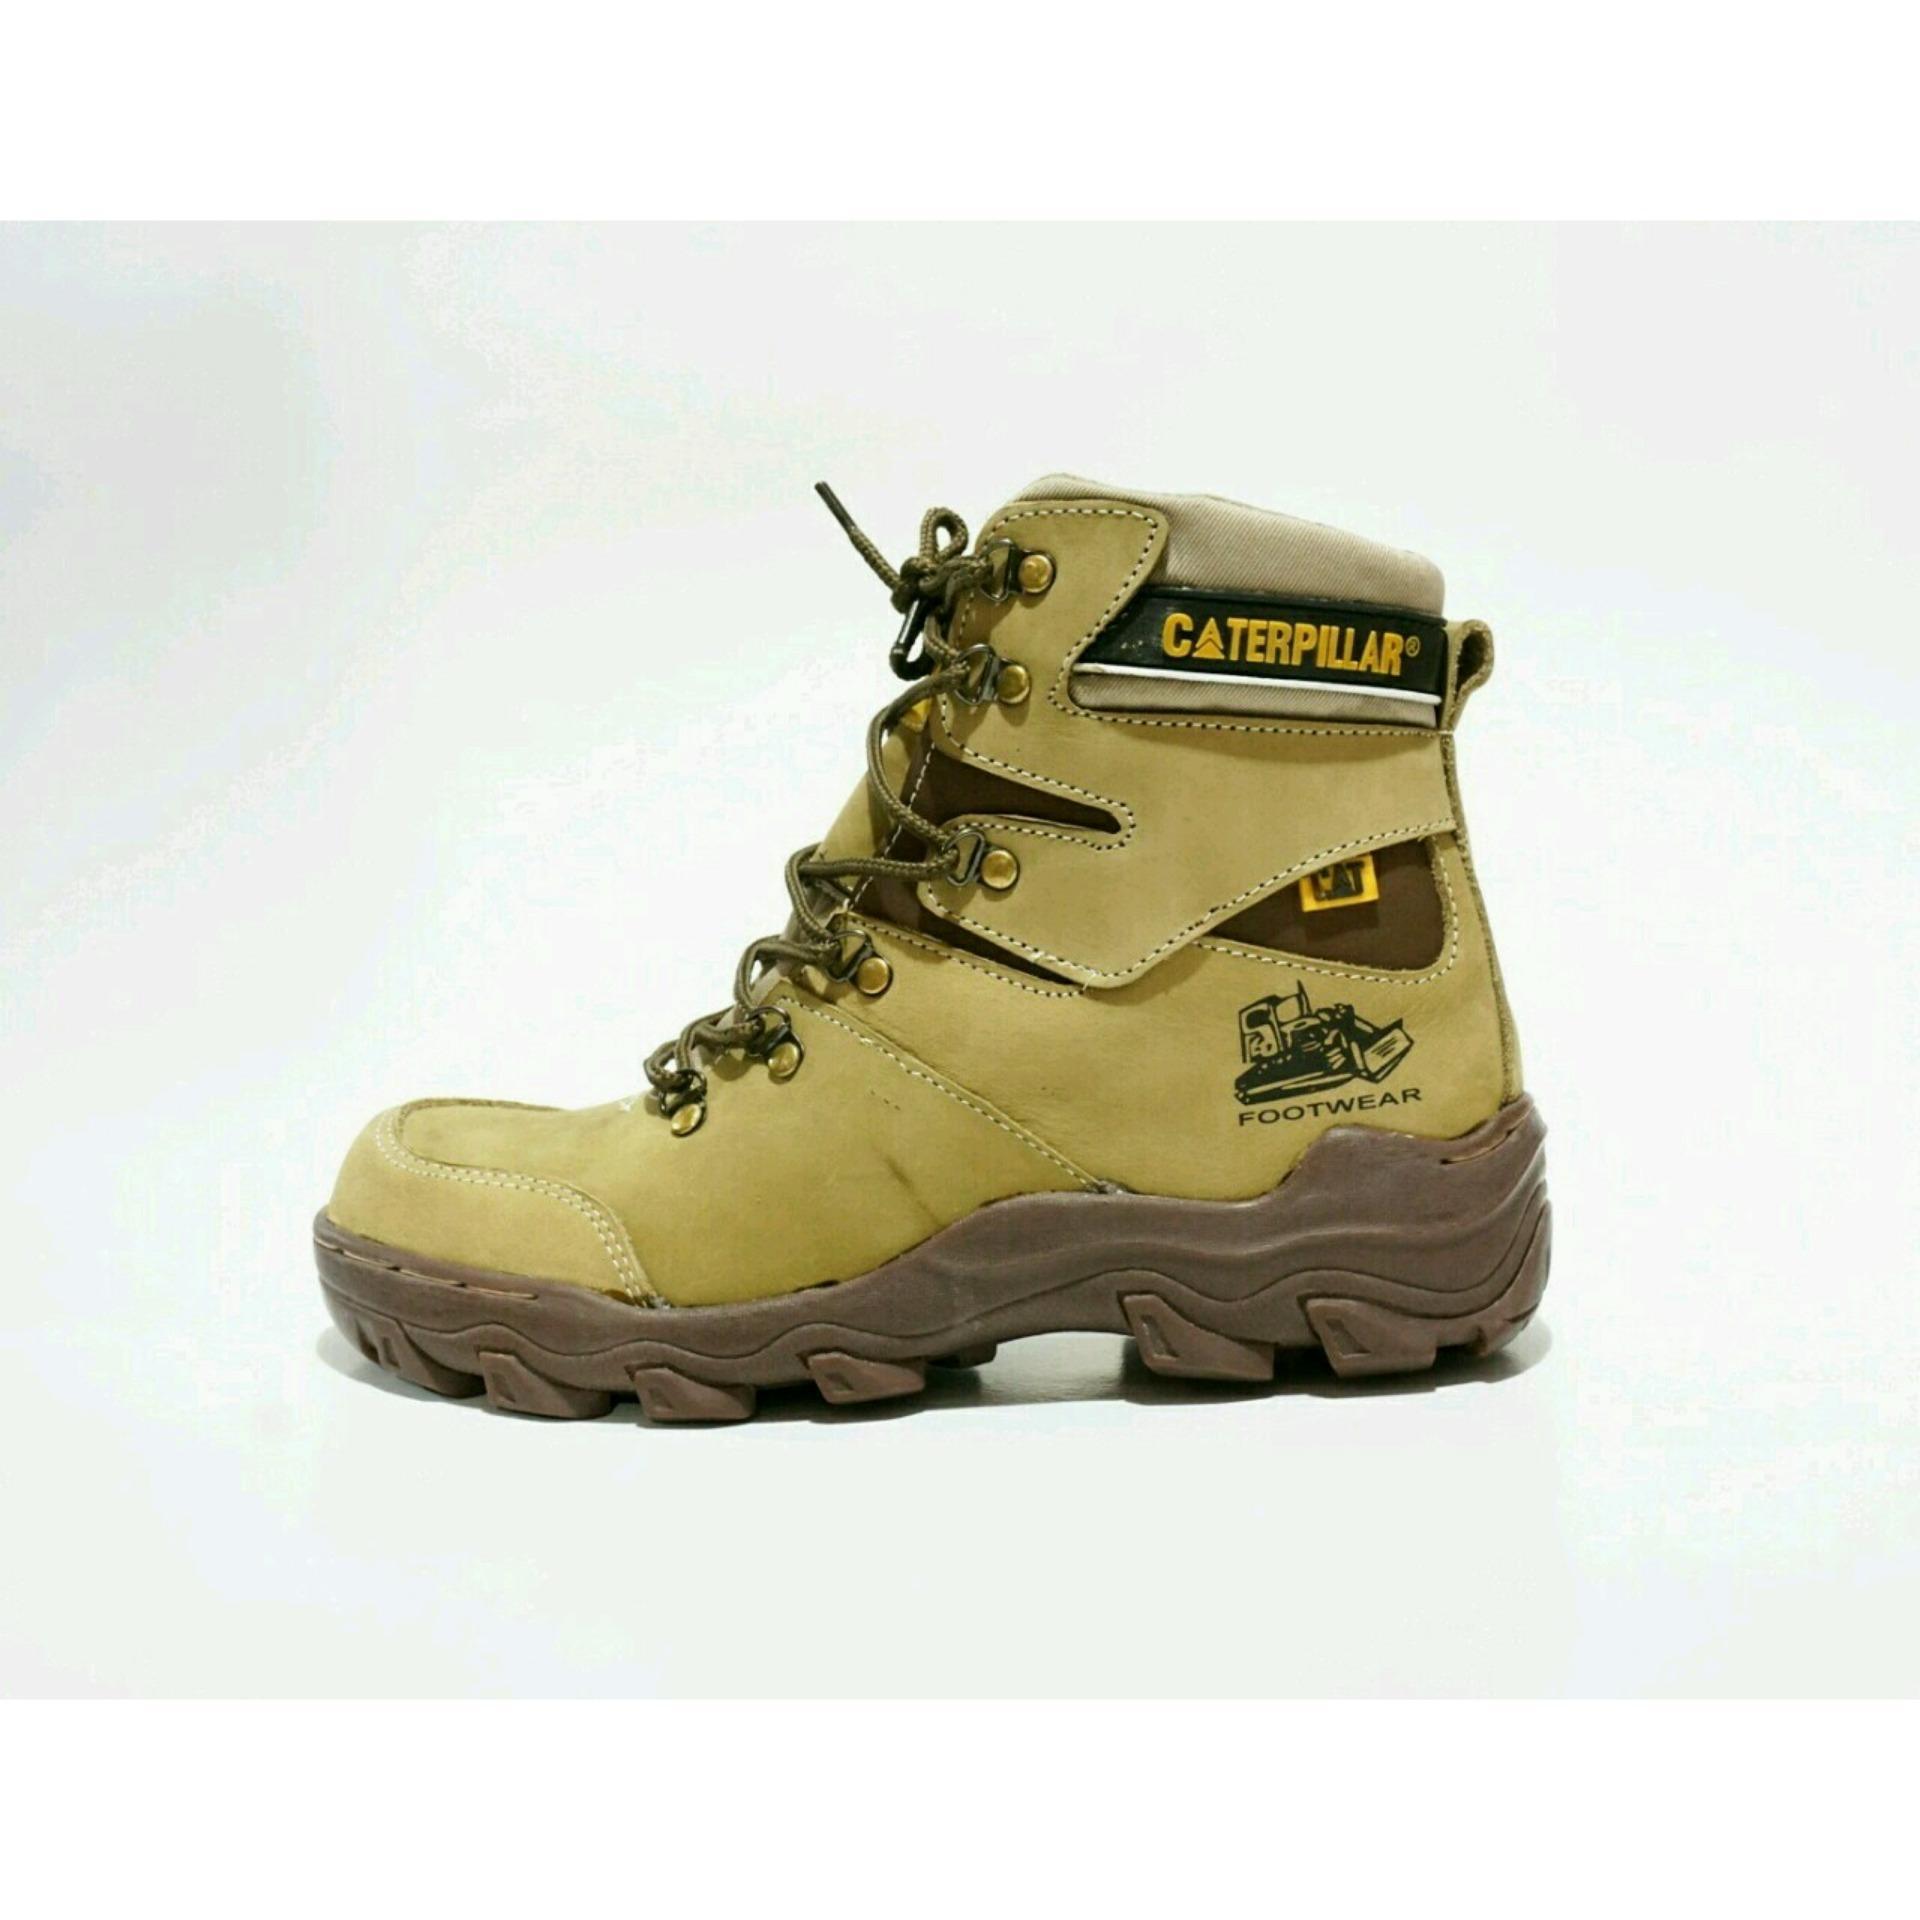 caterpillar shoes 90000 \/12 \/29